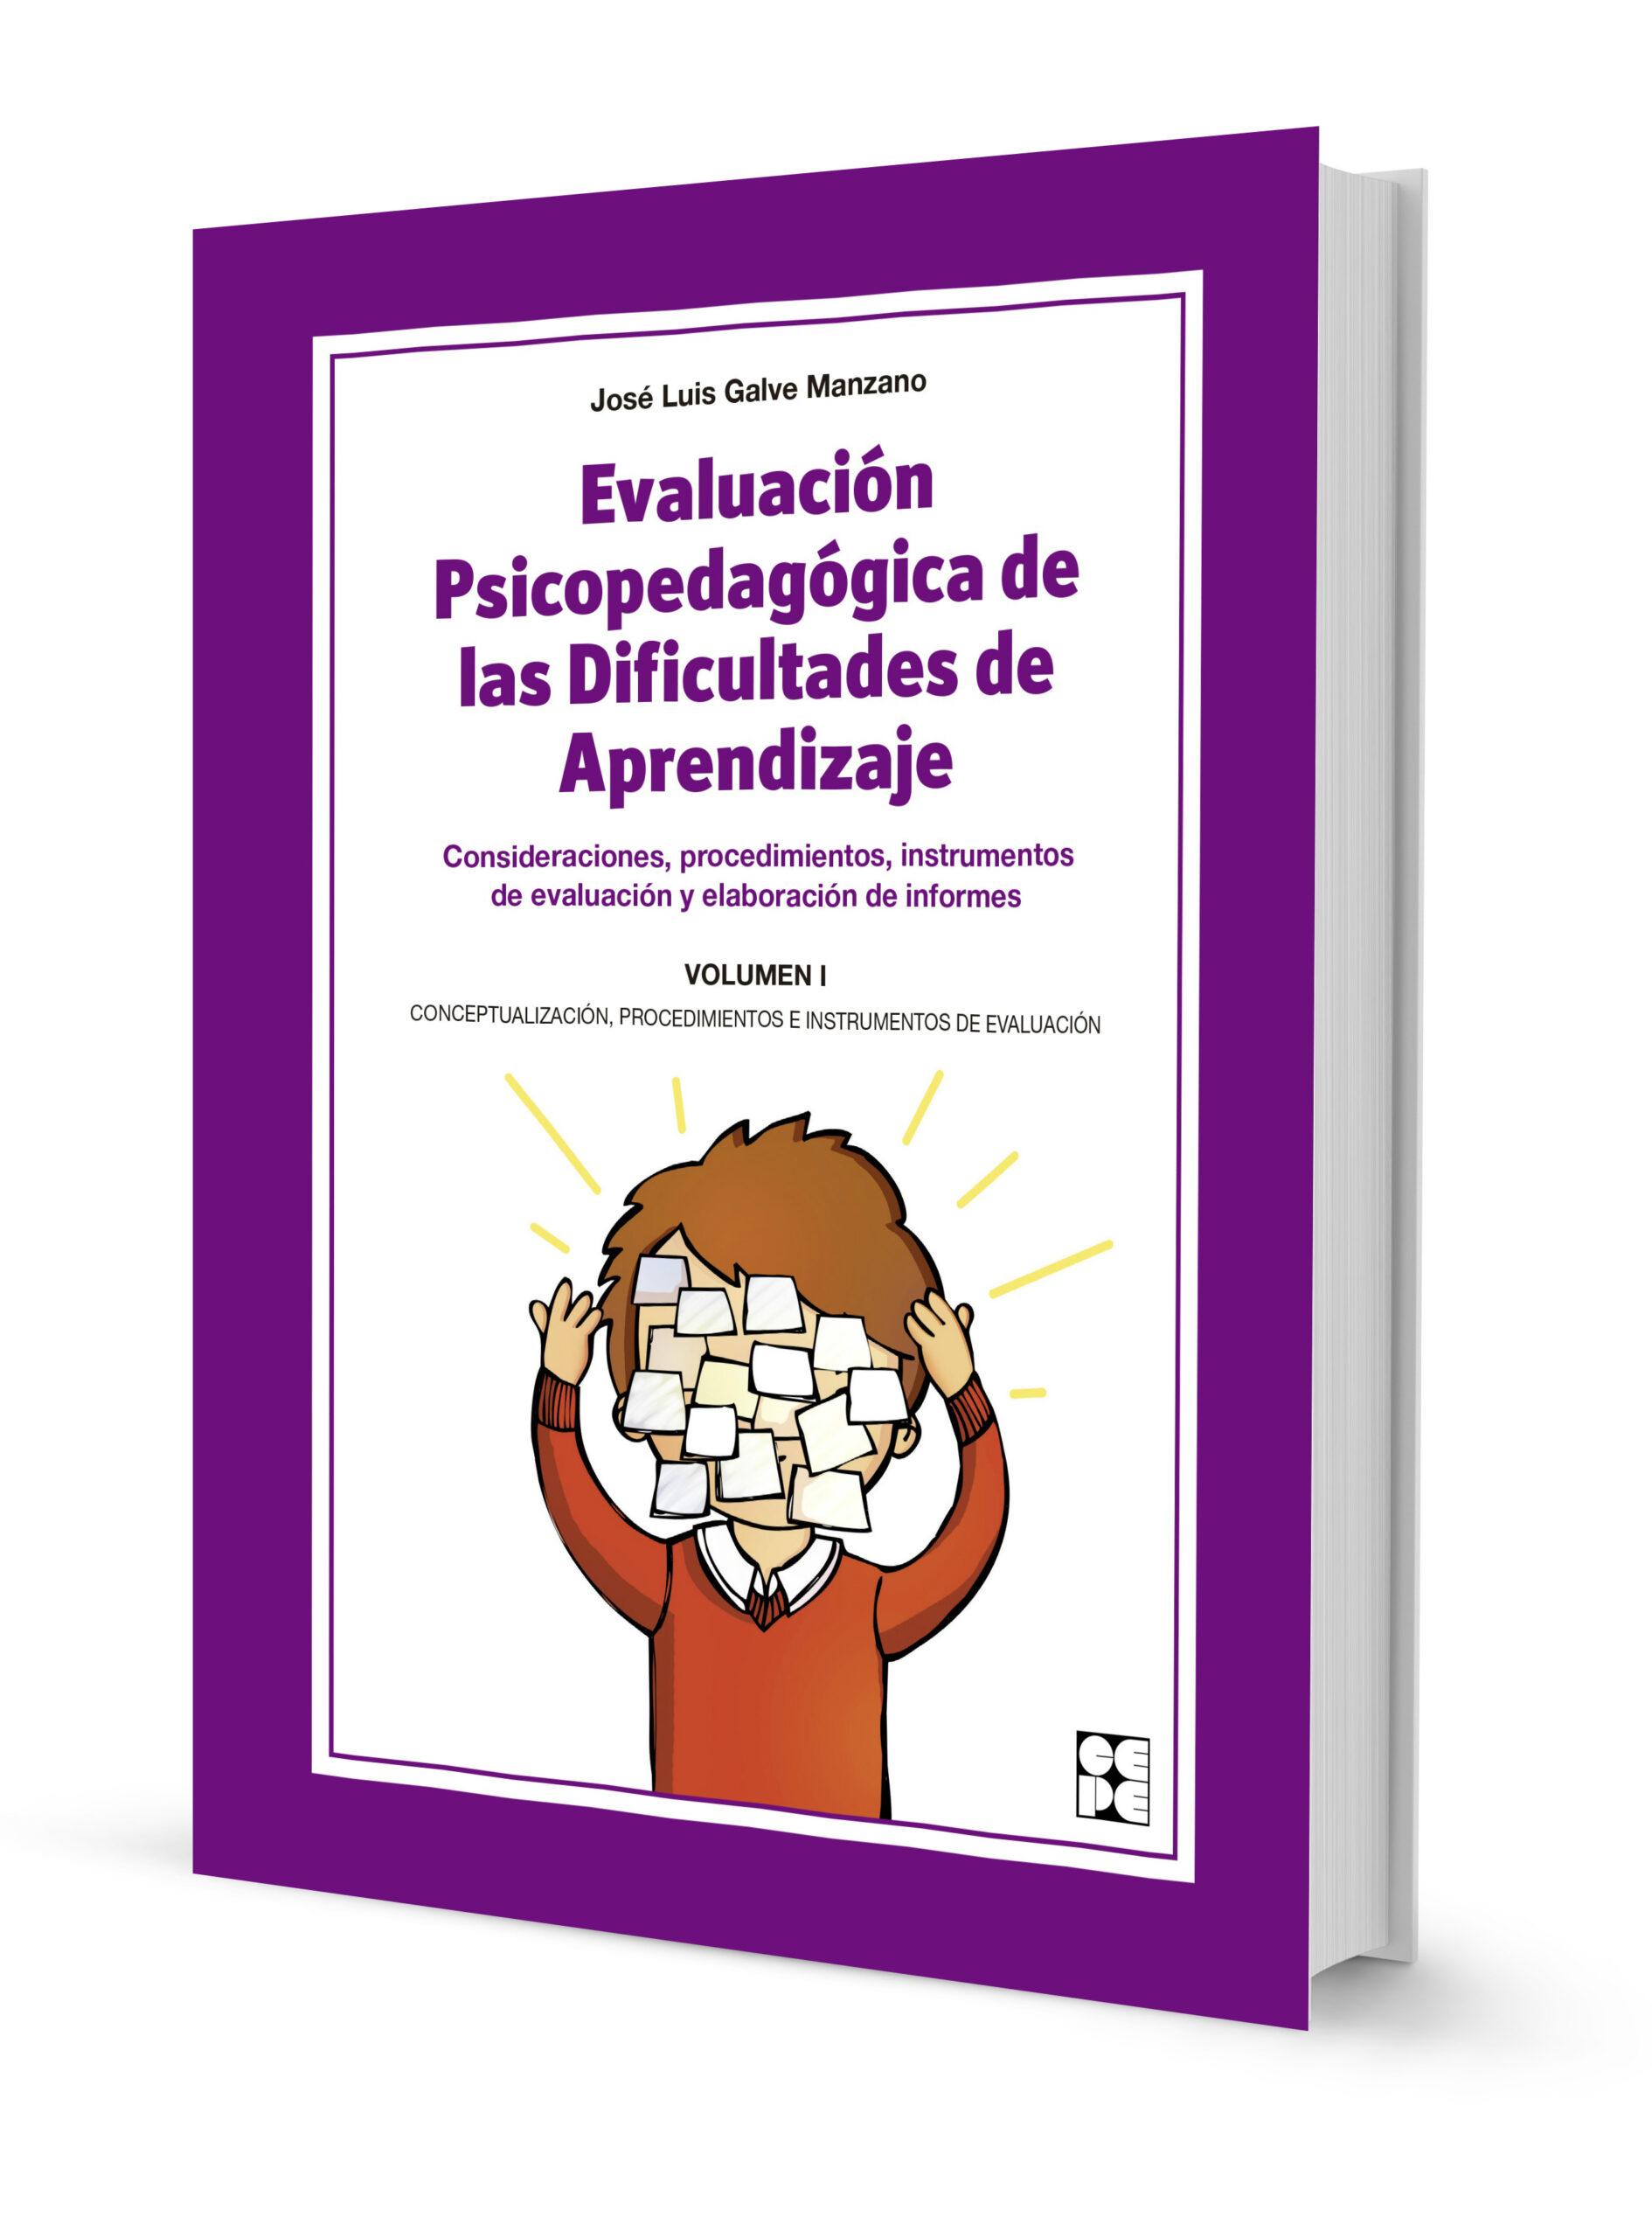 EVALUACIÓN PSICOPEDAGÓGICA DE LAS DIFICULTADES DE APRENDIZAJE. VOLUMEN I